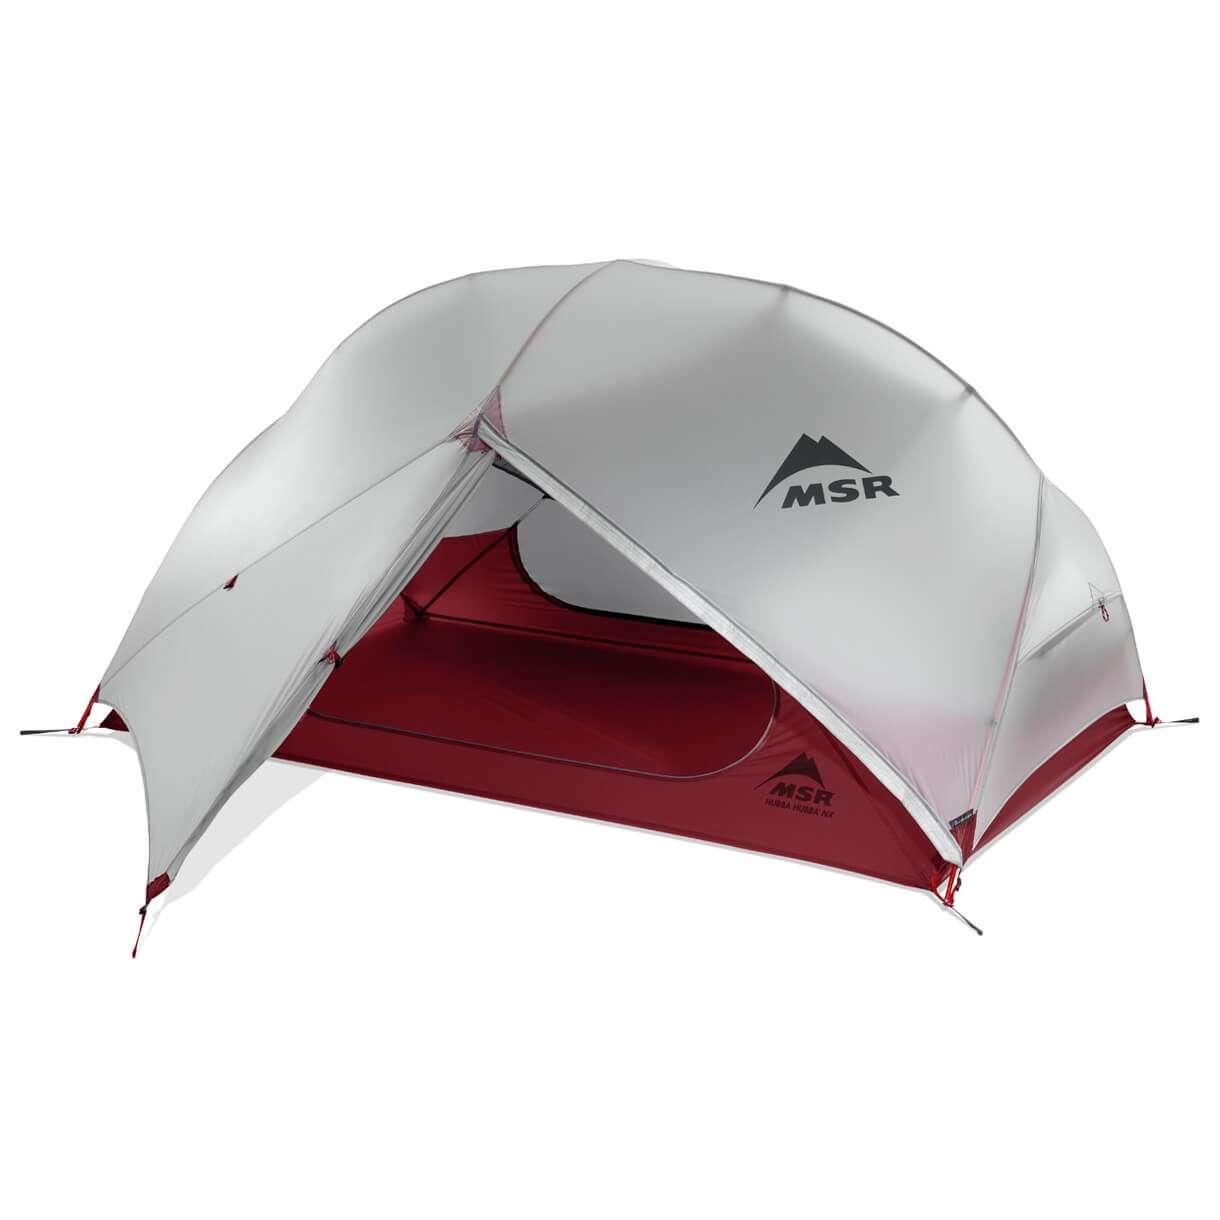 Msr Elixir 2 Tent 10331 Zelte Leichte Zelte Skisport & Snowboarding